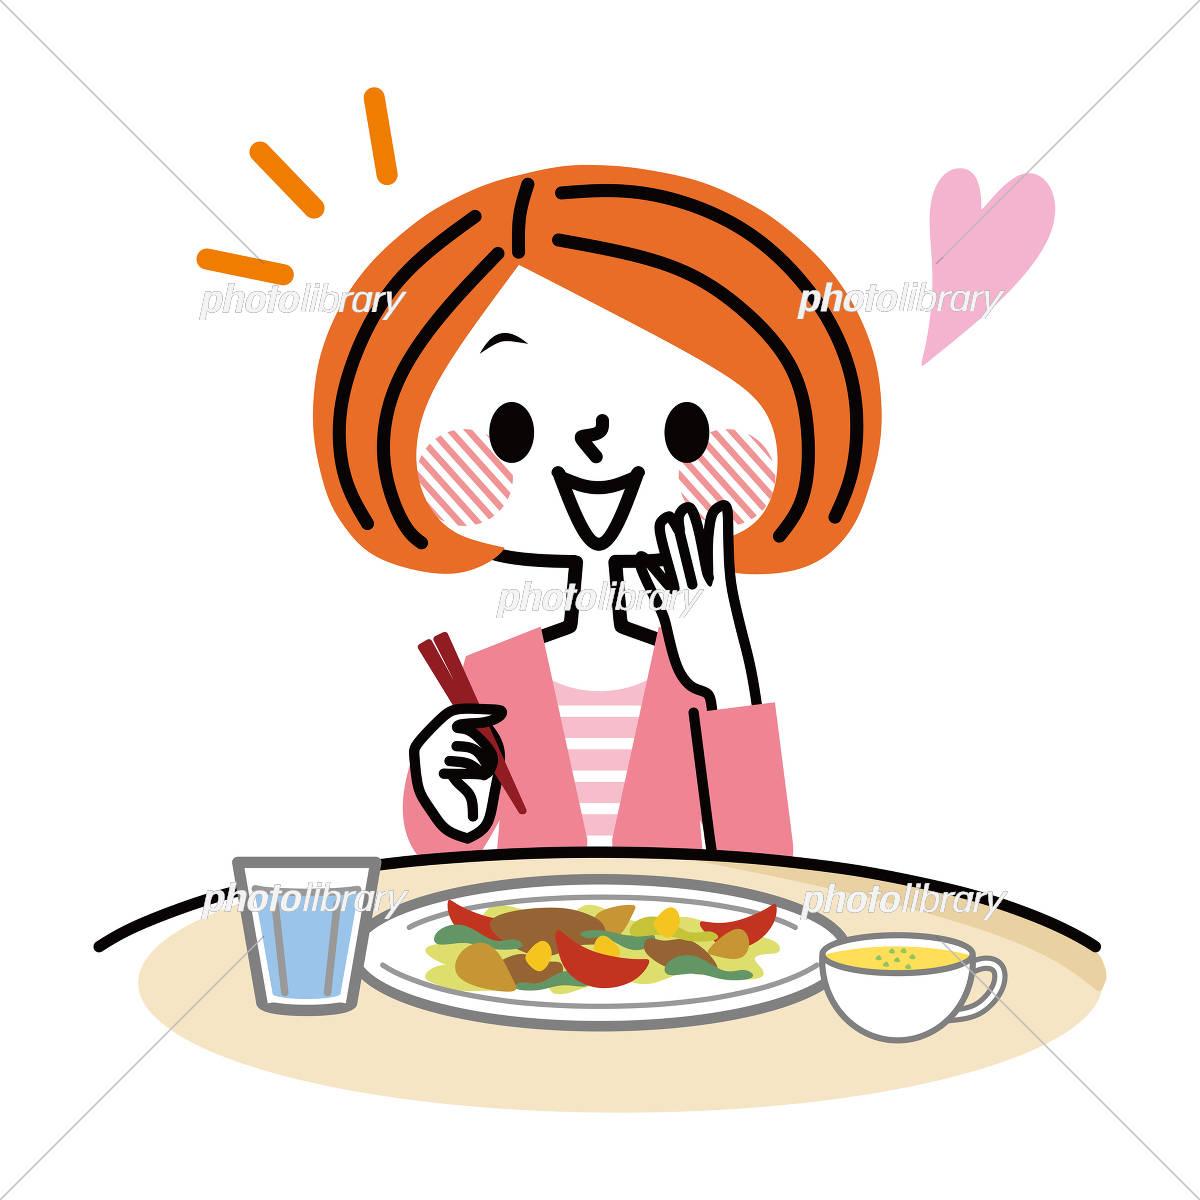 美味しい料理を食べる女性 イラスト素材 [ 5366719 ] - フォトライブ